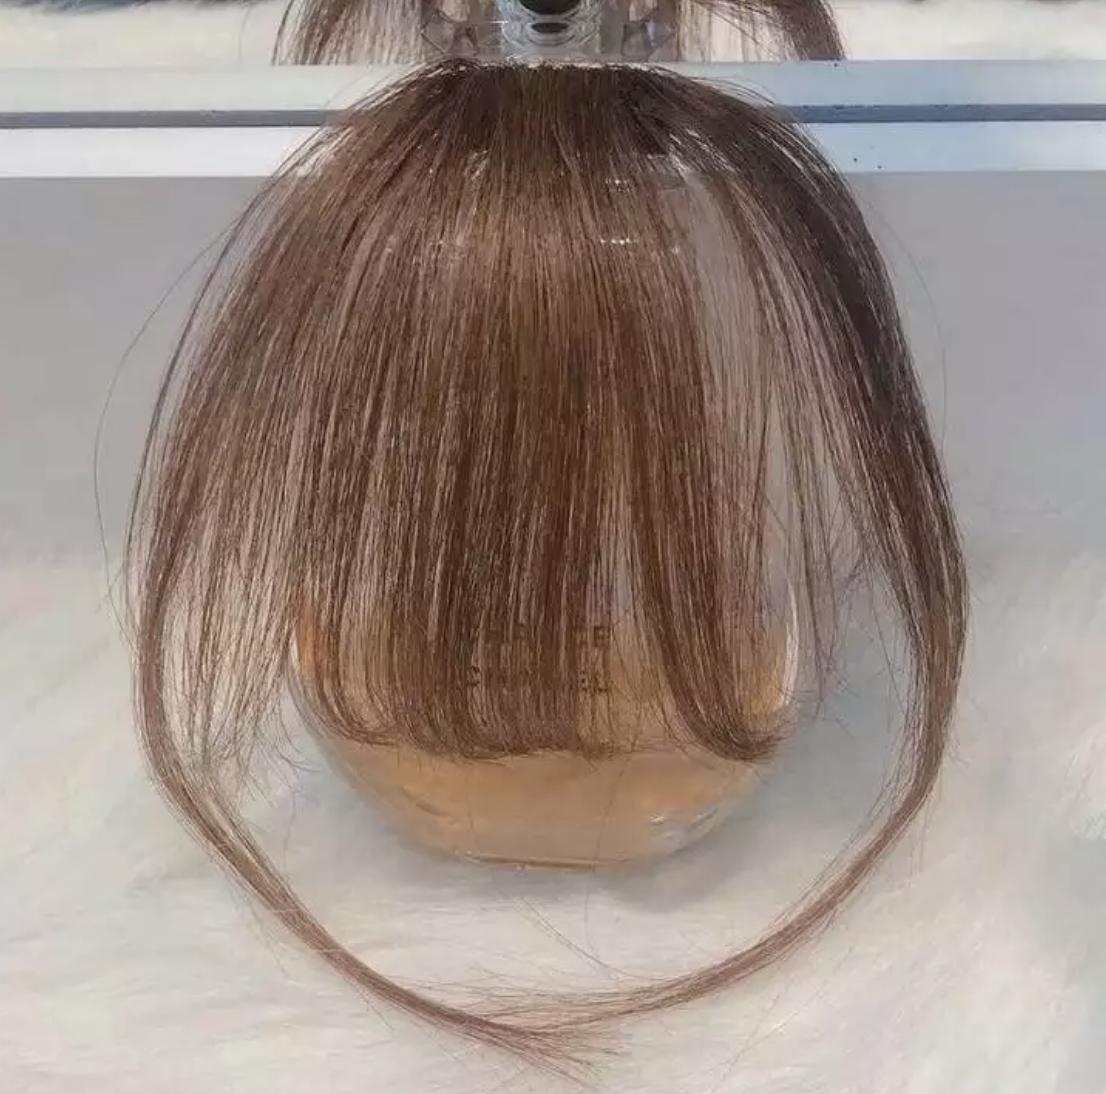 Học Jennie mua tóc mái giả trân với giá chỉ 11K - 300K - Ảnh 4.